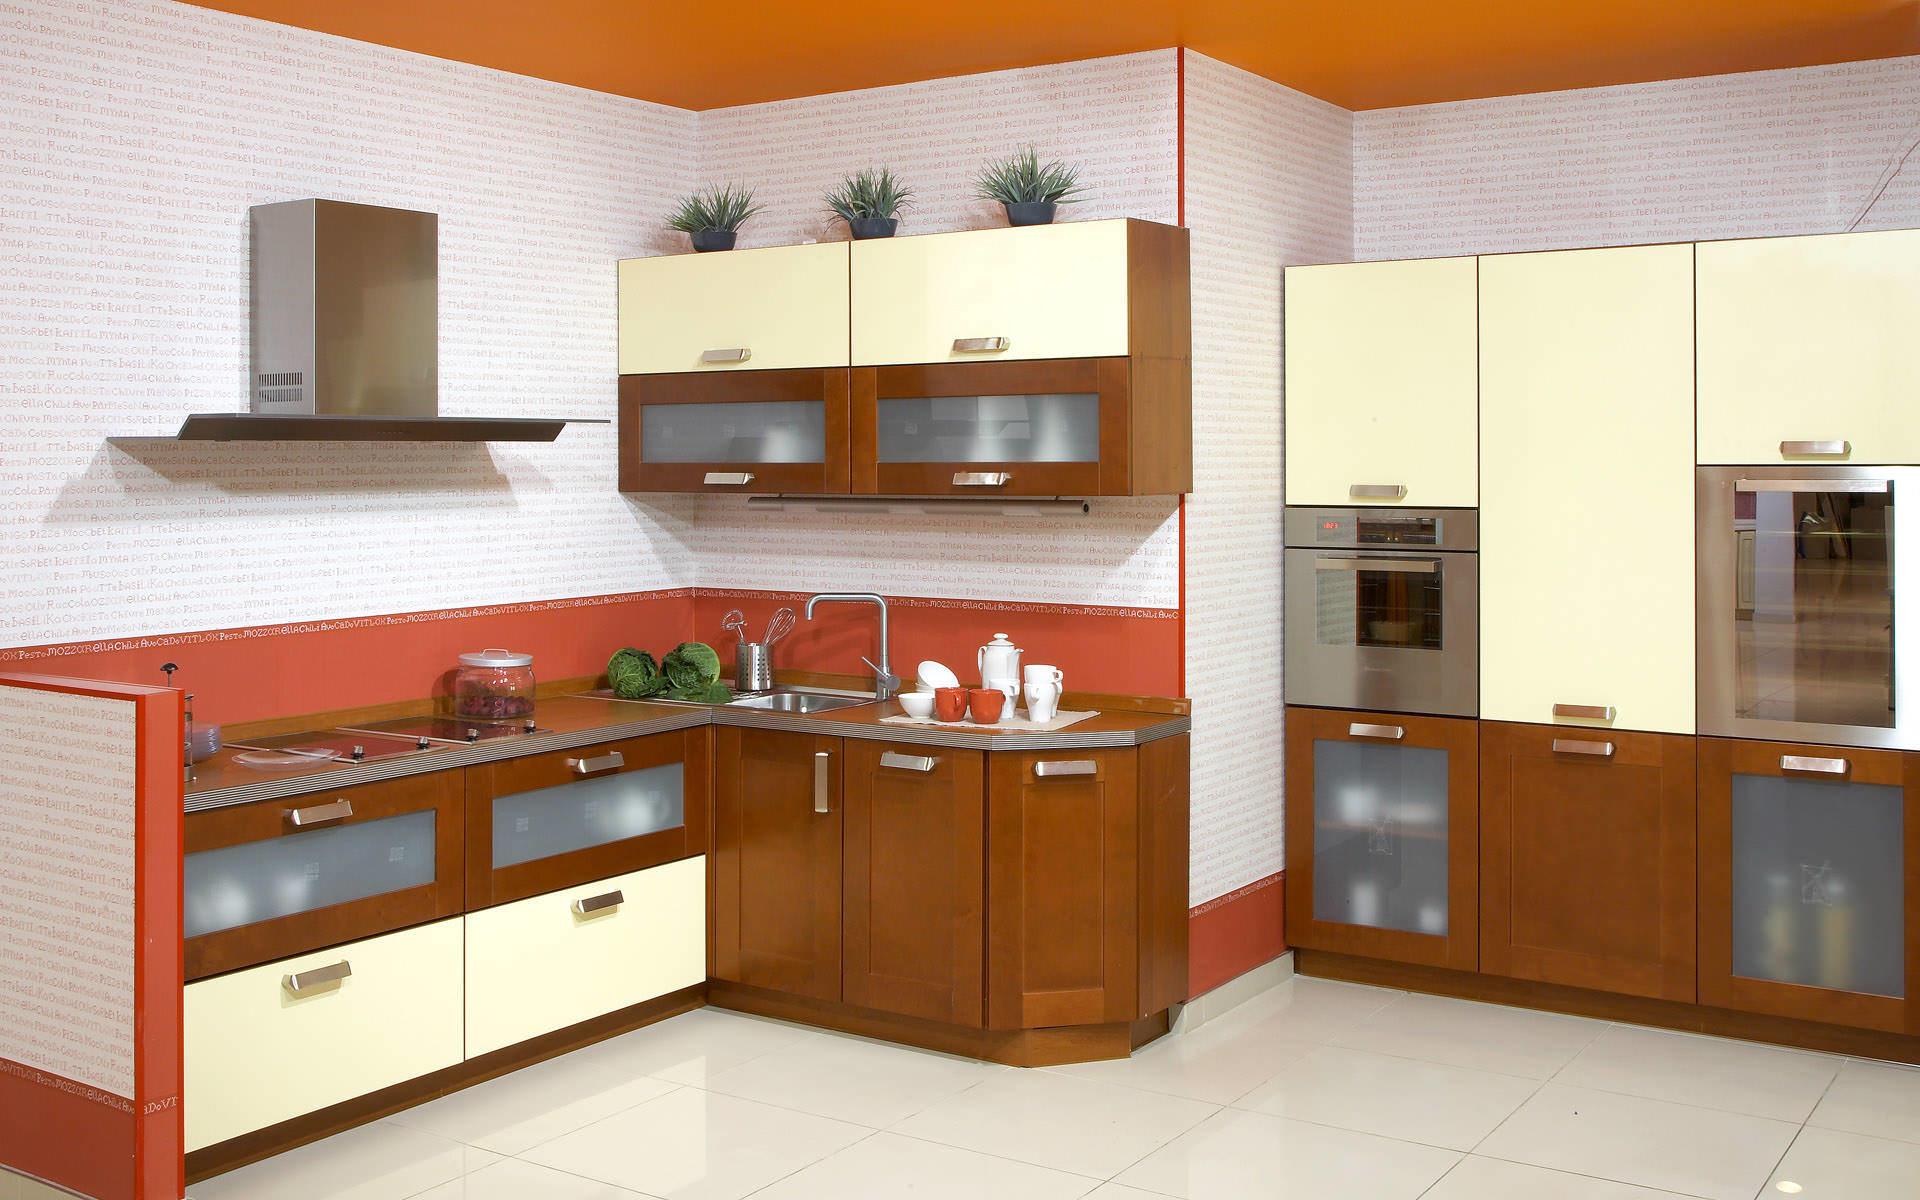 """Интерьер кухни в теплых оттенках определенно делает помещение """"теплее"""" и уютнее"""